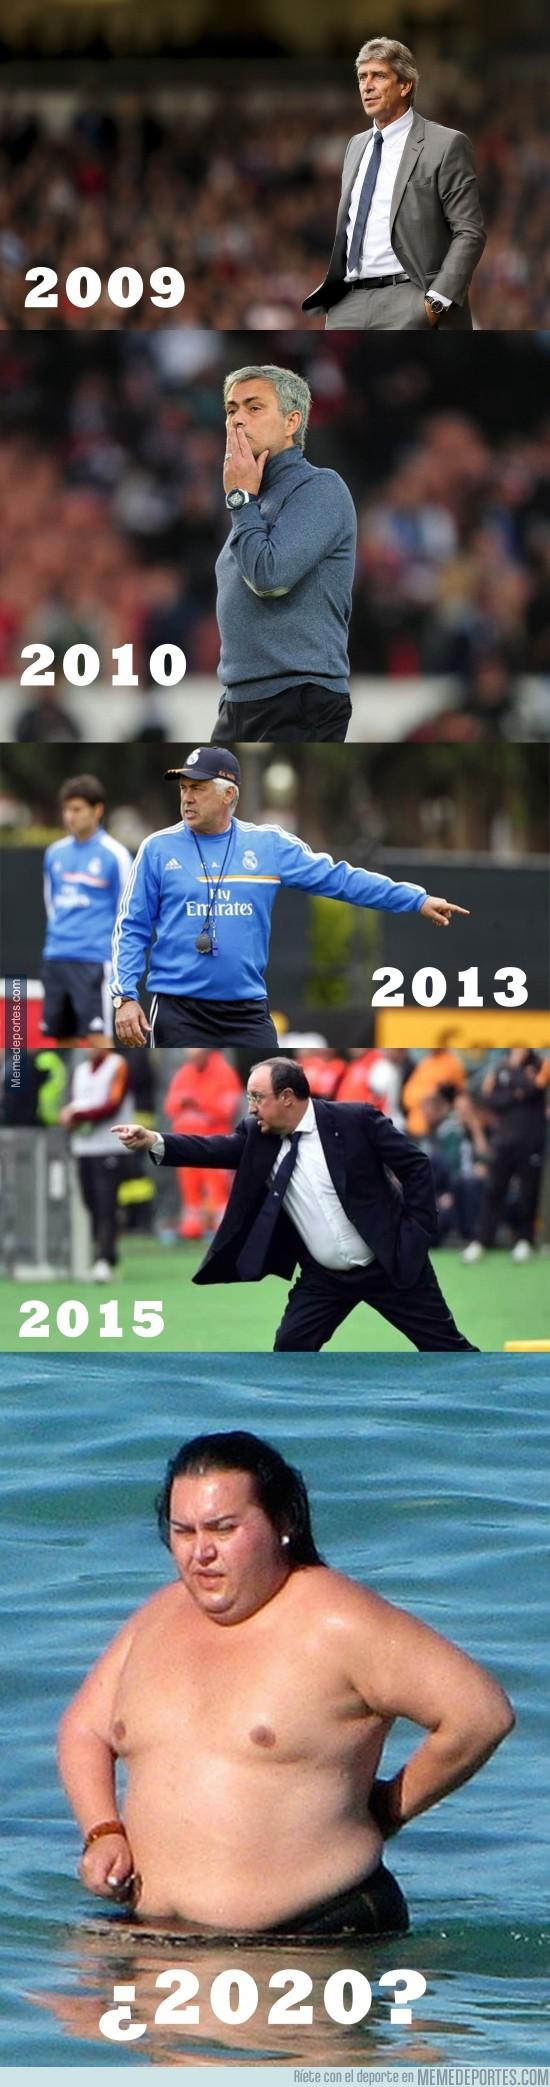 565519 - ¡ATENCIÓN! Ya sabemos quién será el futuro entrenador del Real Madrid